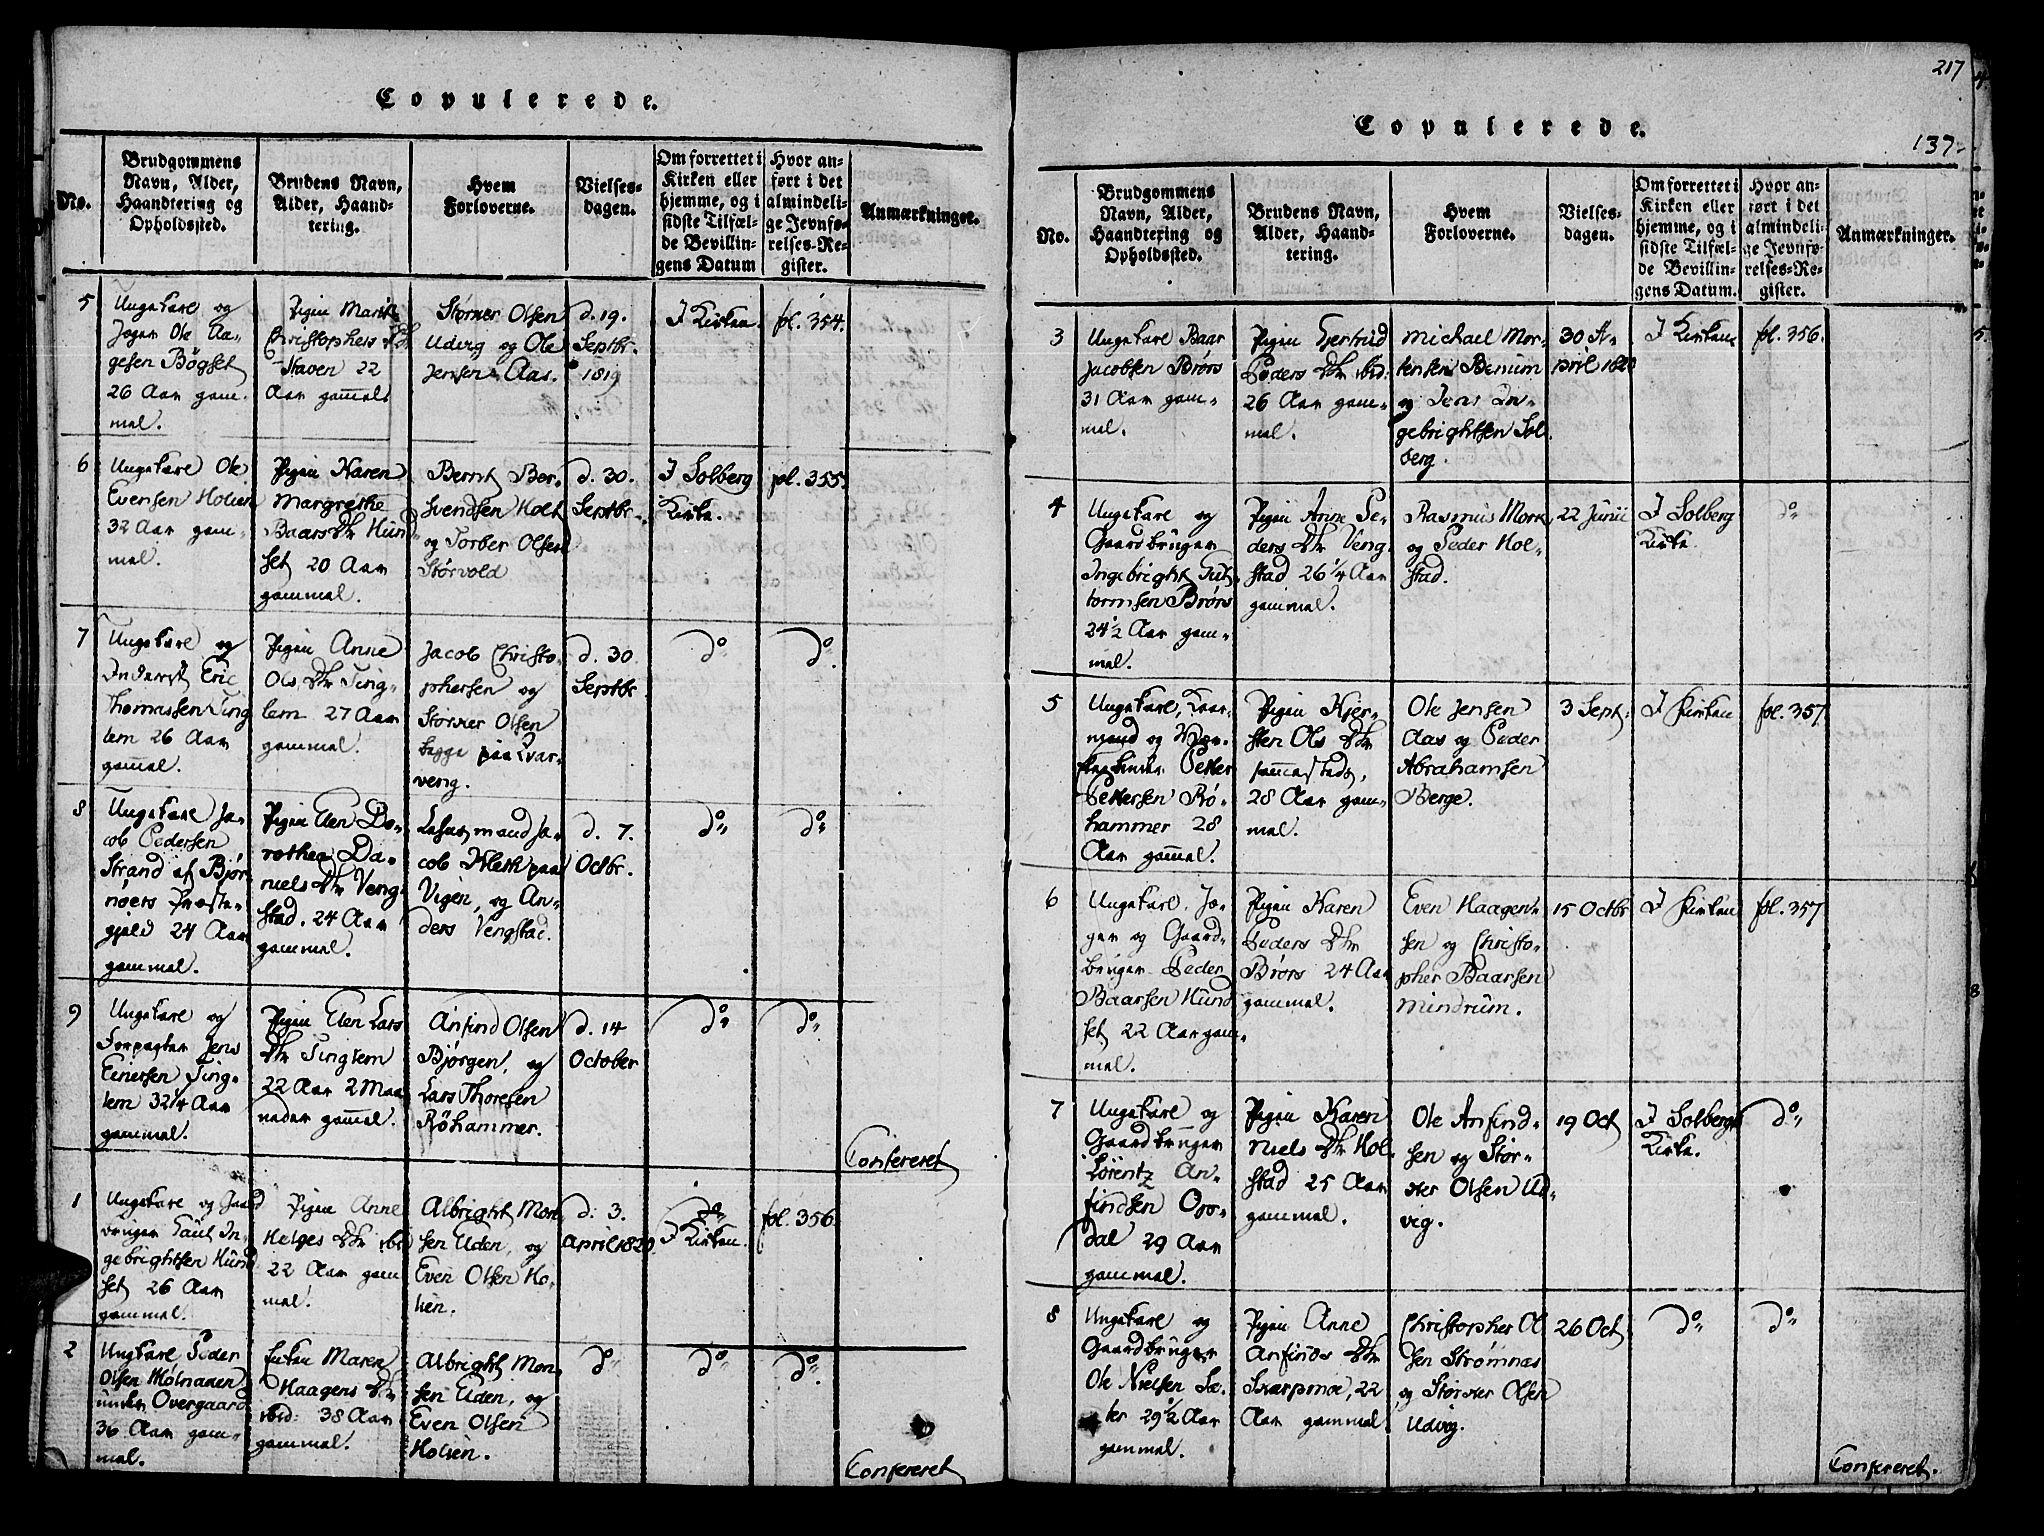 SAT, Ministerialprotokoller, klokkerbøker og fødselsregistre - Nord-Trøndelag, 741/L0387: Ministerialbok nr. 741A03 /3, 1817-1822, s. 137